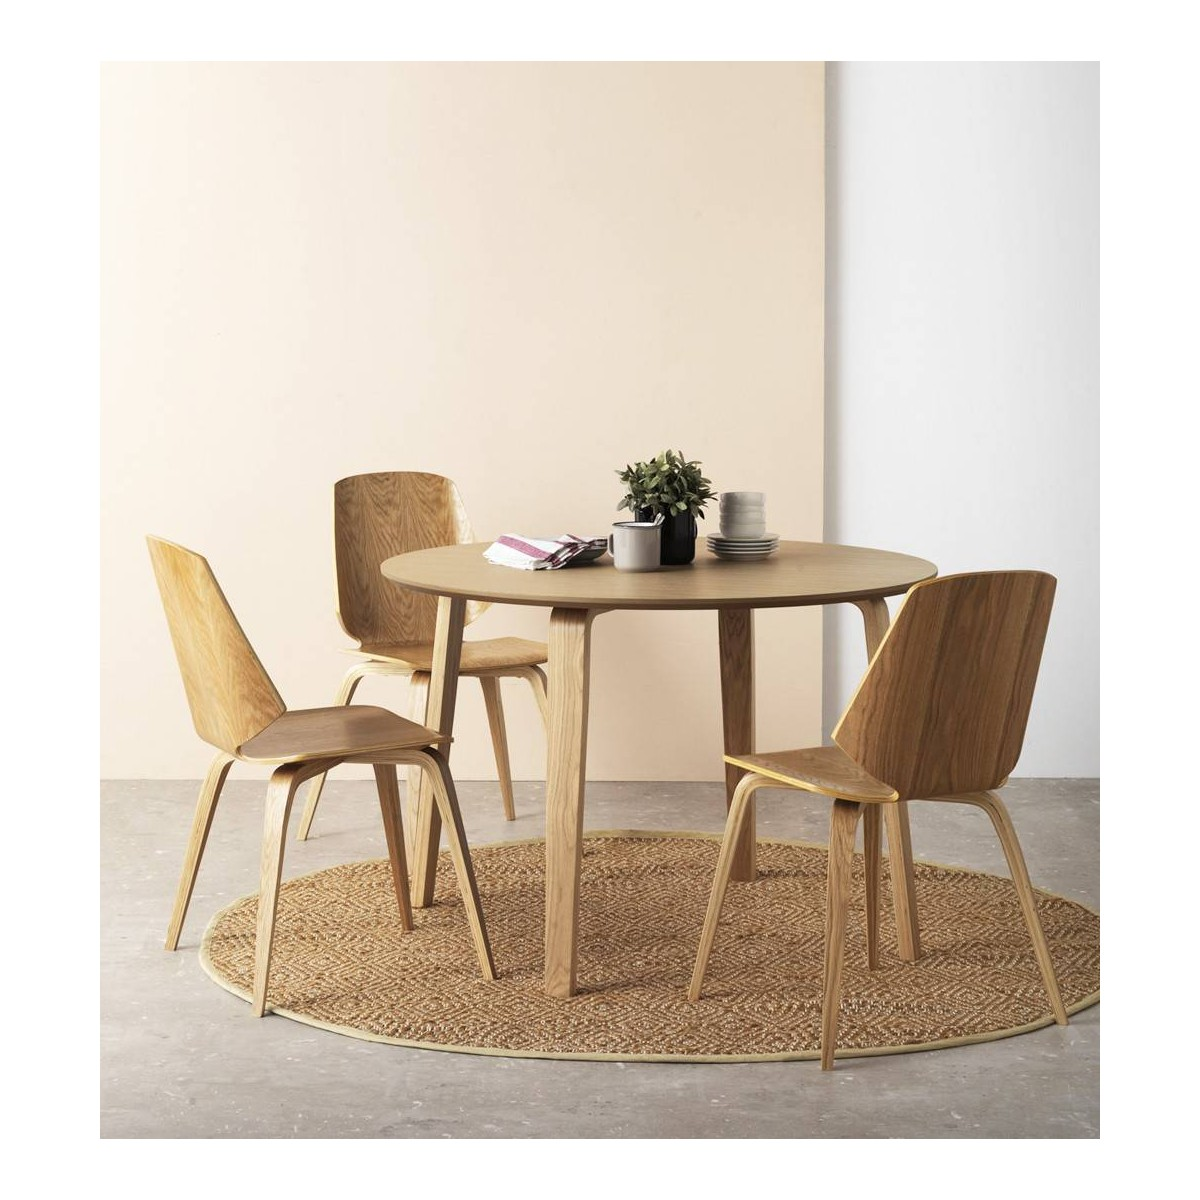 Mesa redonda comedor madera roble finland modelo 3 for Sillas de roble para comedor